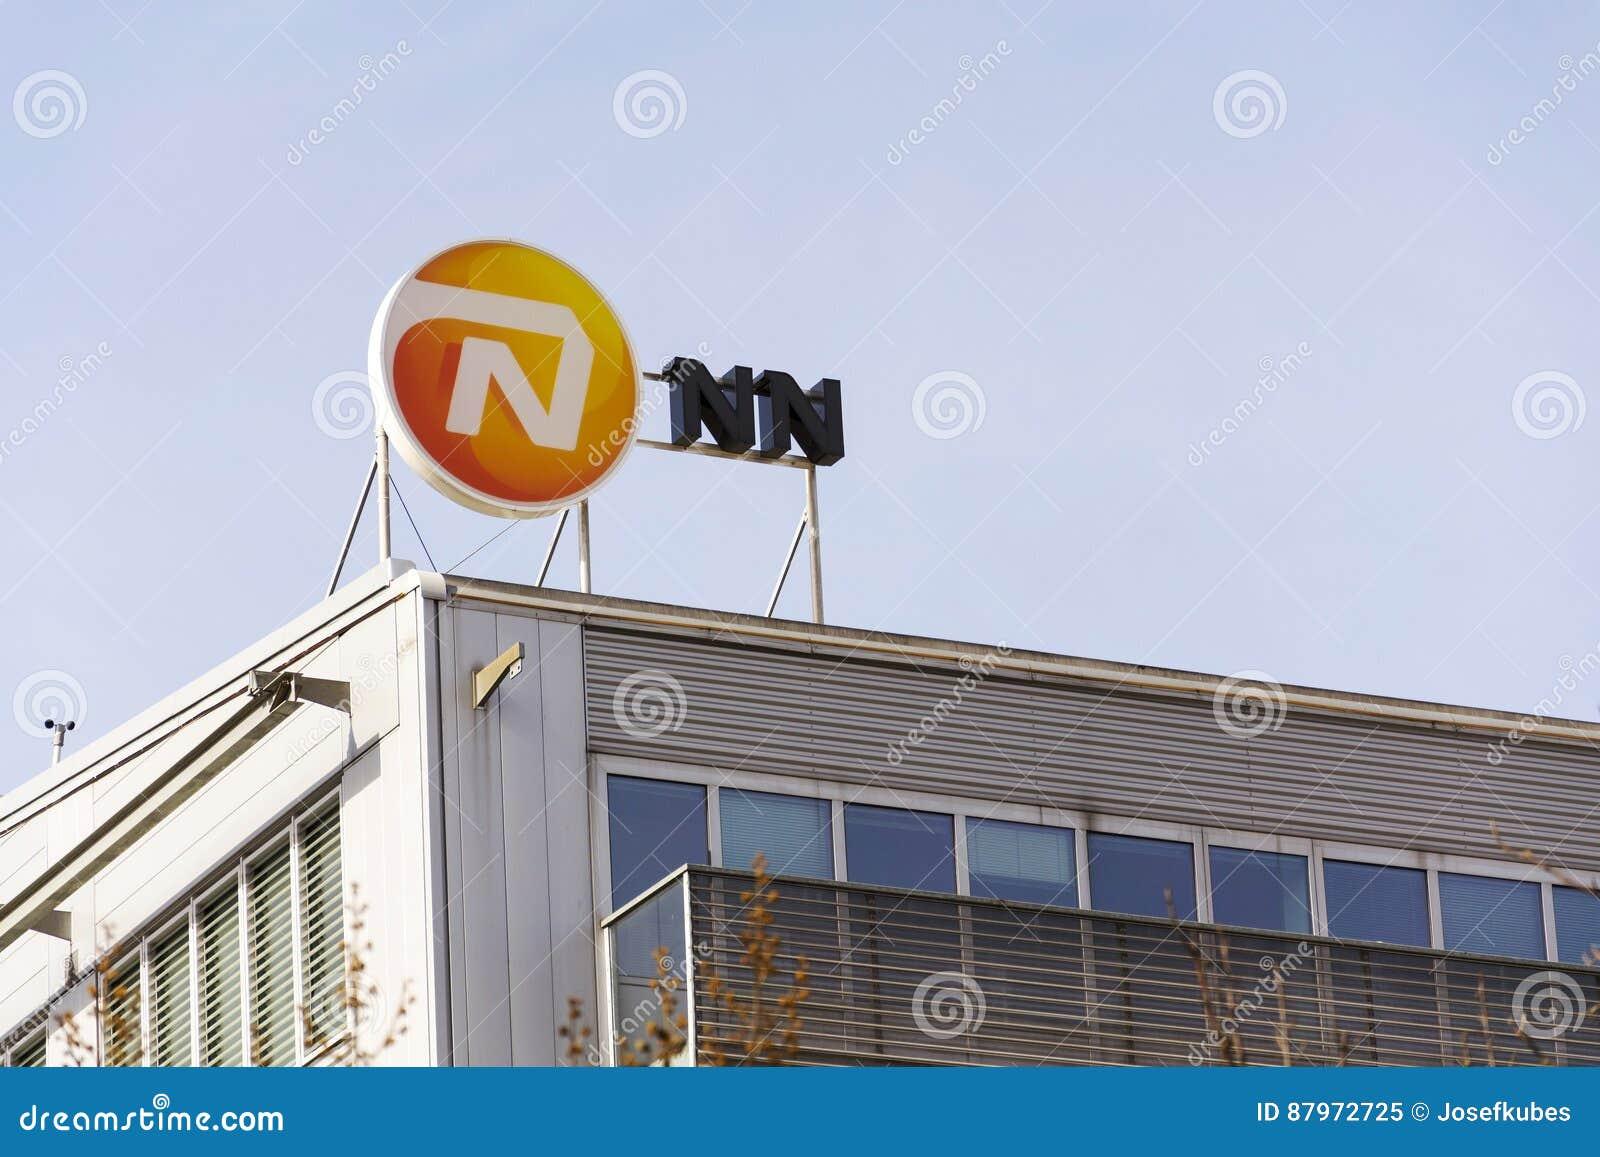 """Résultat de recherche d'images pour """"nn"""""""